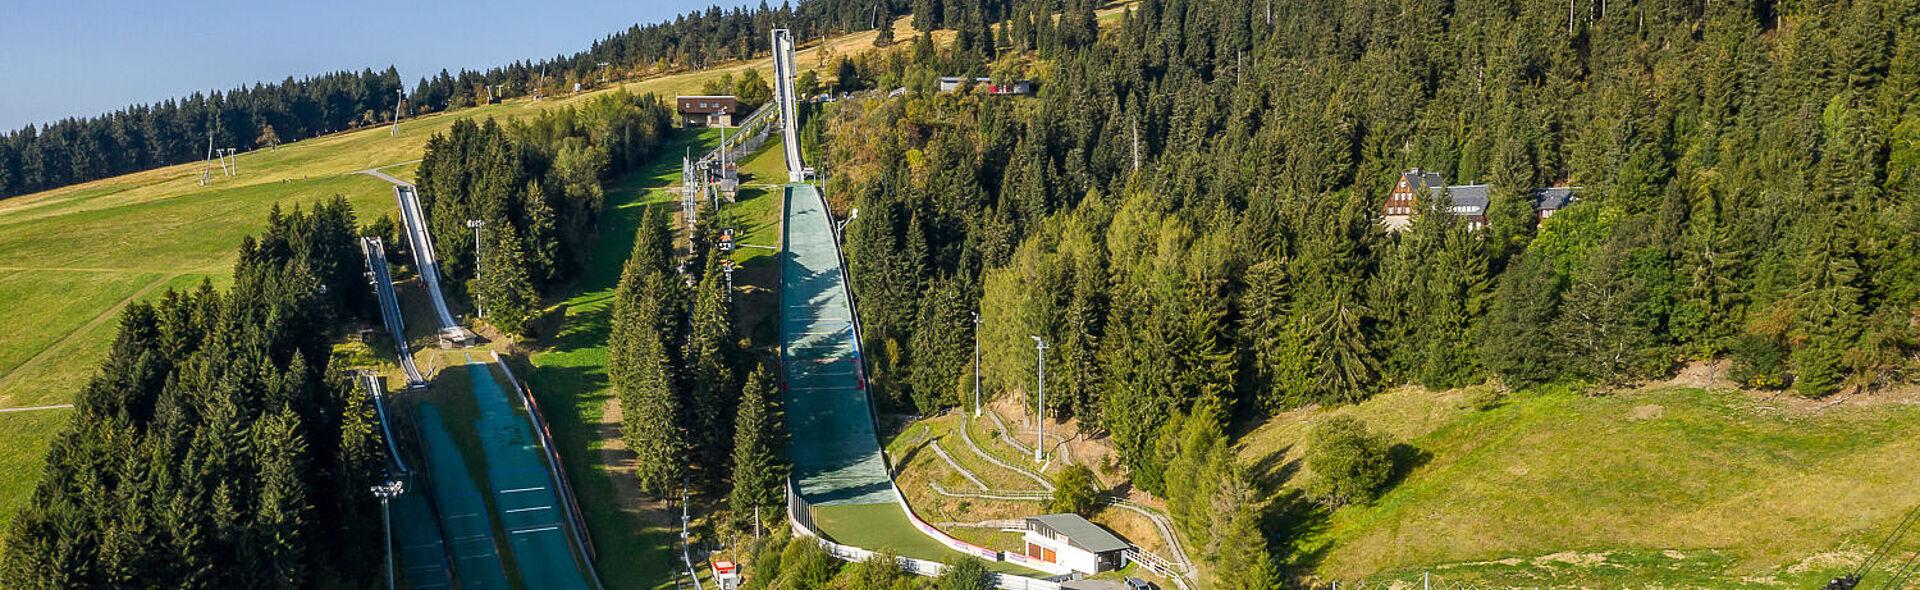 Skispringen Oberwiesenthal Trainingszentrum Skisprung Fichtelbergschanze